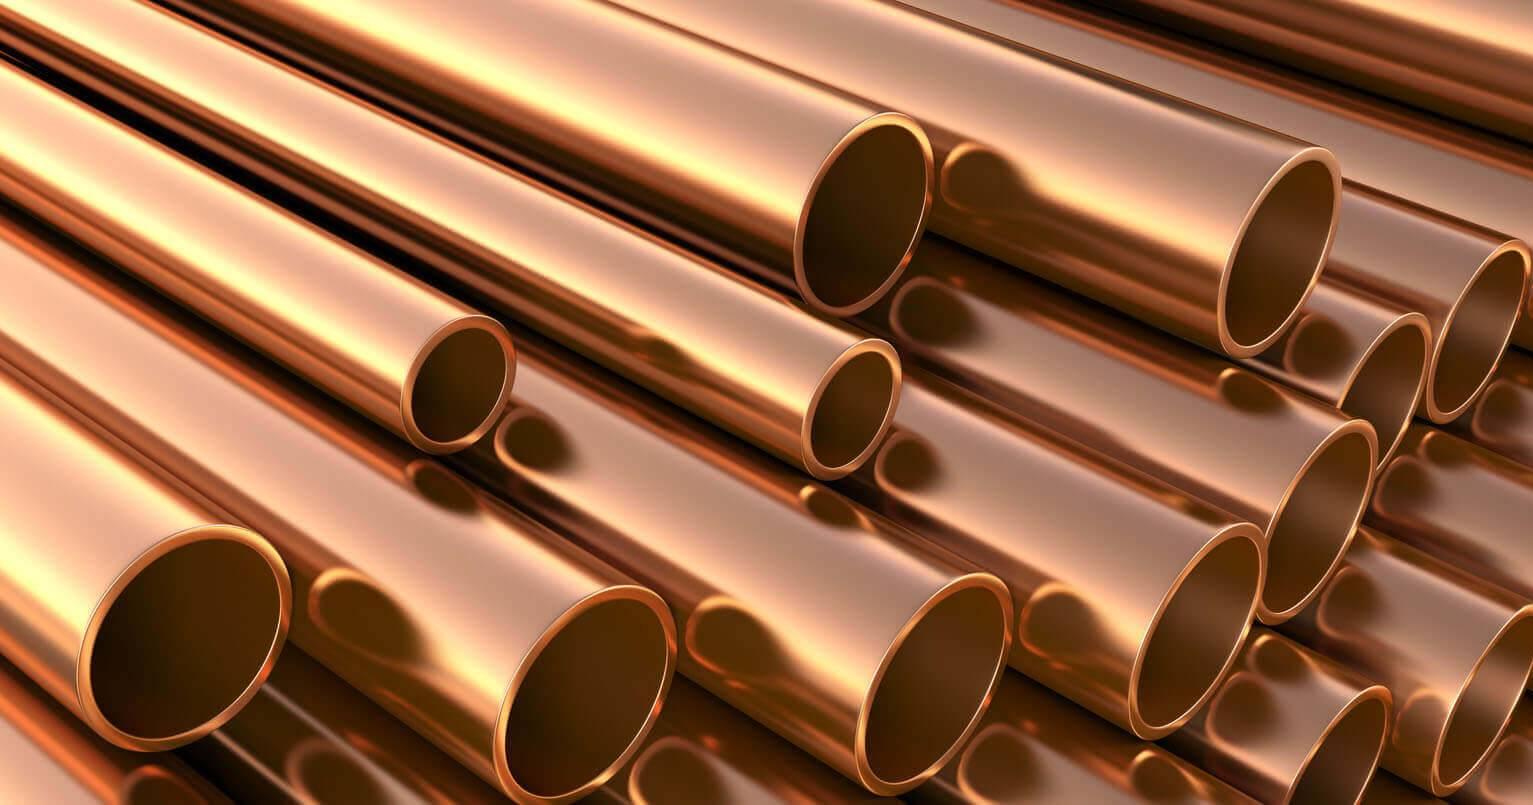 Diferença entre metais ferrosos e não ferrosos